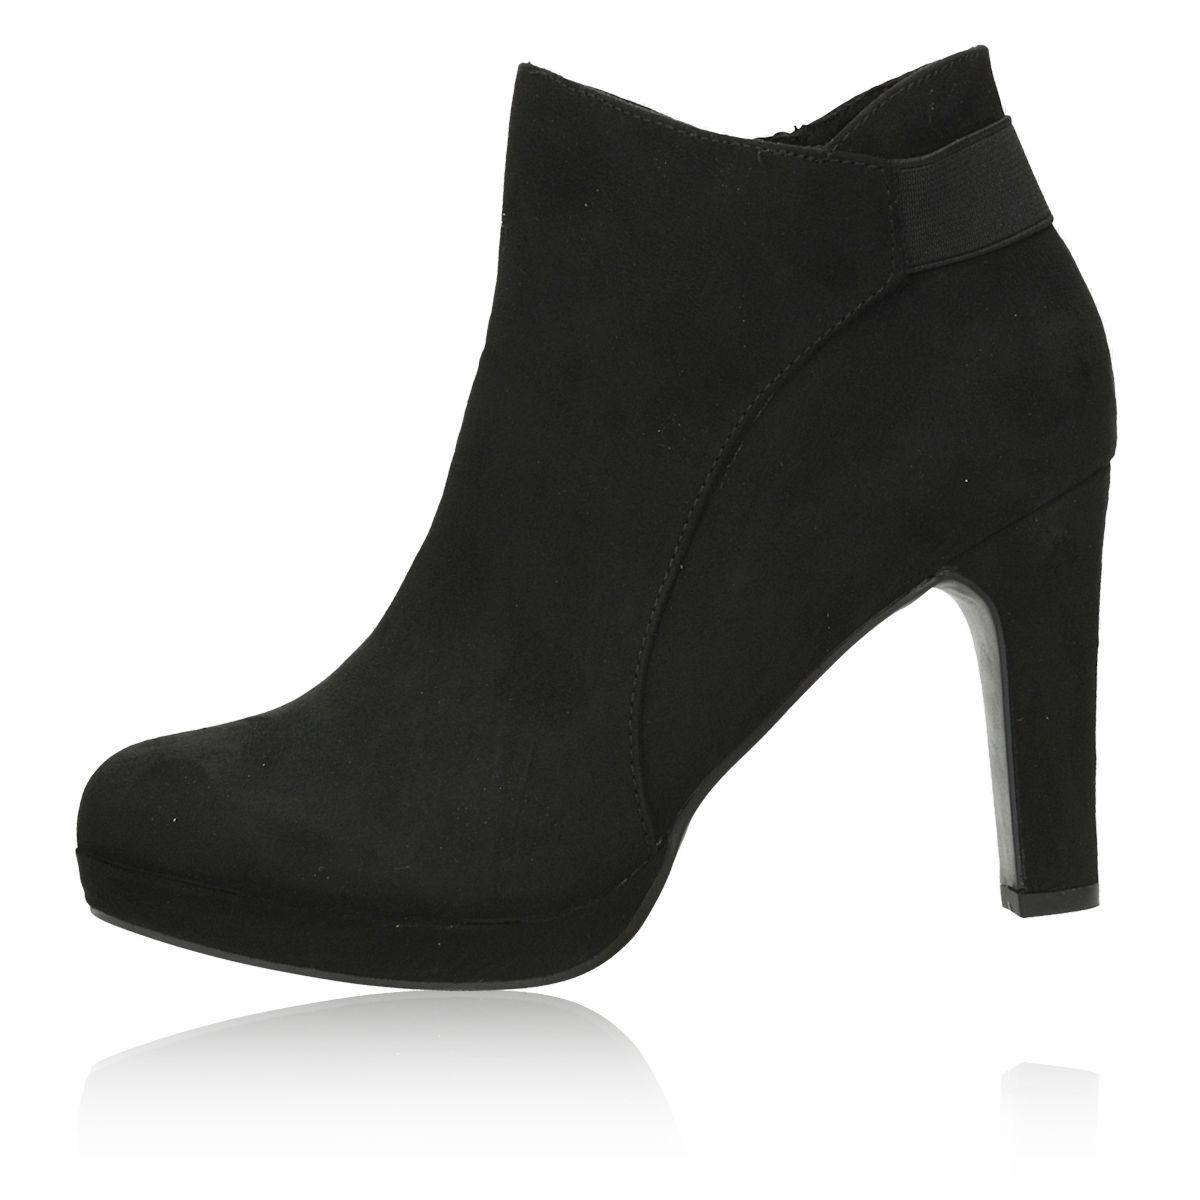 ... Jane Klain dámské textilní kotníkové boty na vysokém podpatku - černé  ... 557aea249b